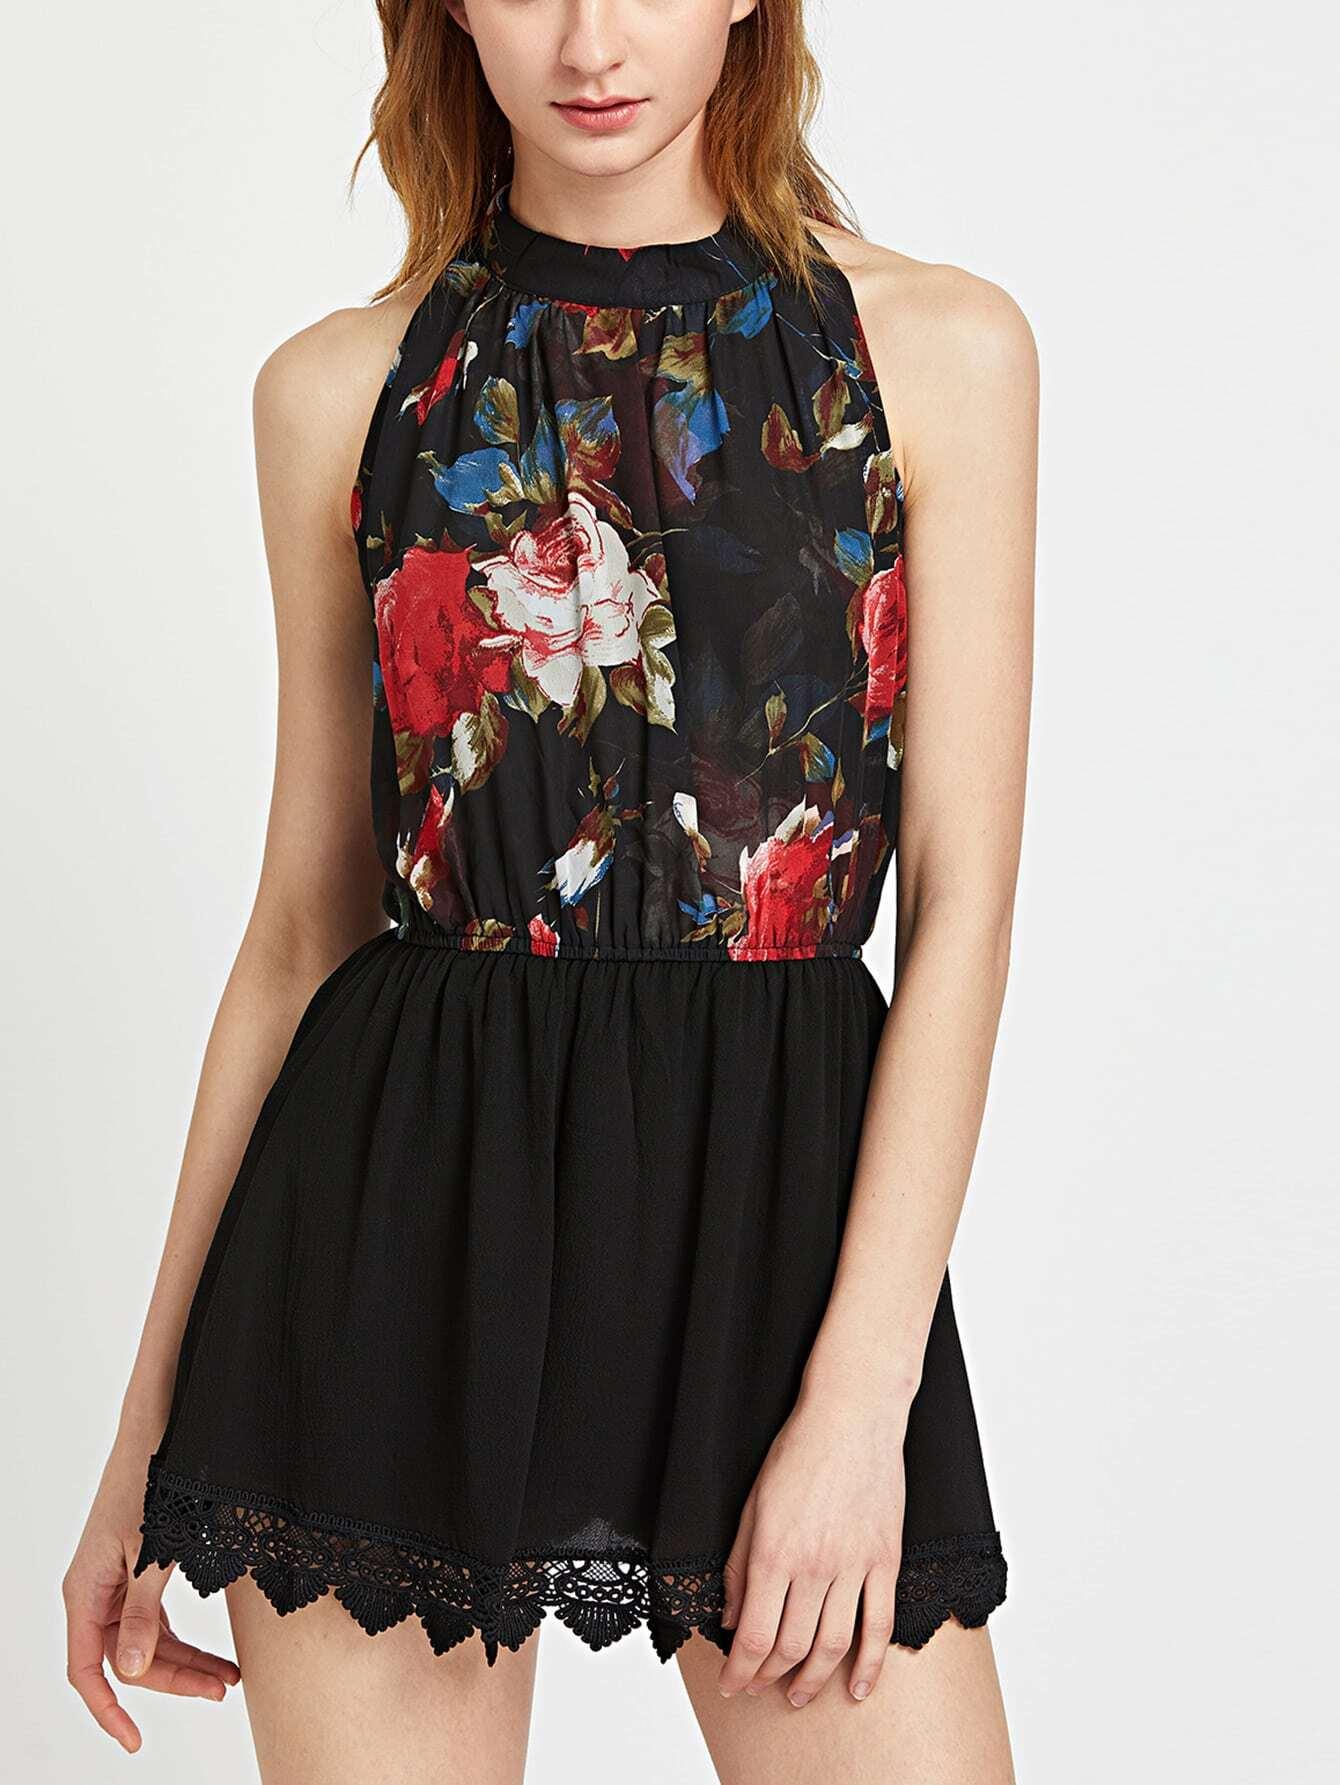 dress170331003_2